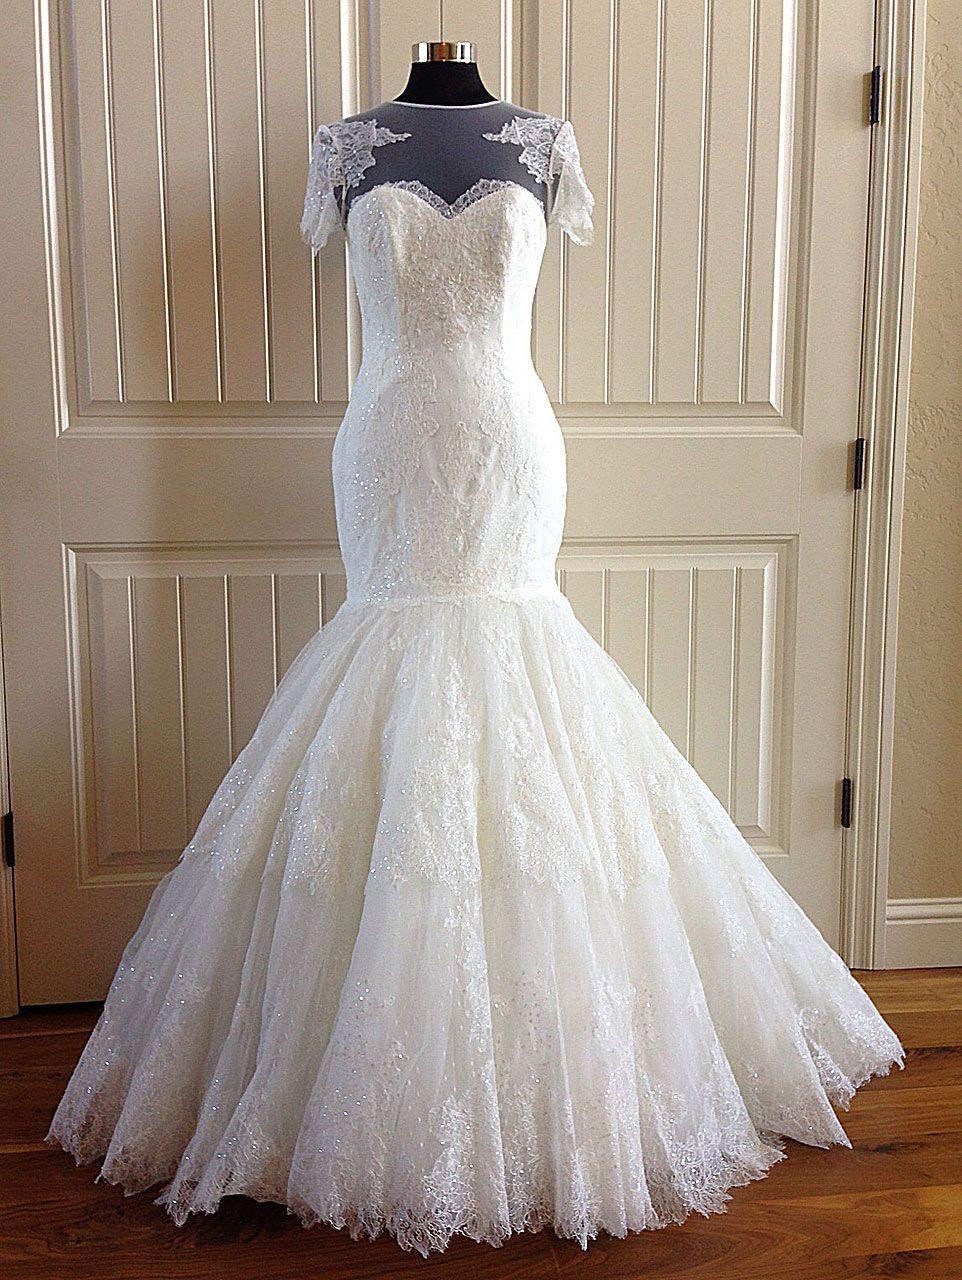 Size 8 wedding dress  Pronovias Onelia Label Size Street Size  Discount Wedding